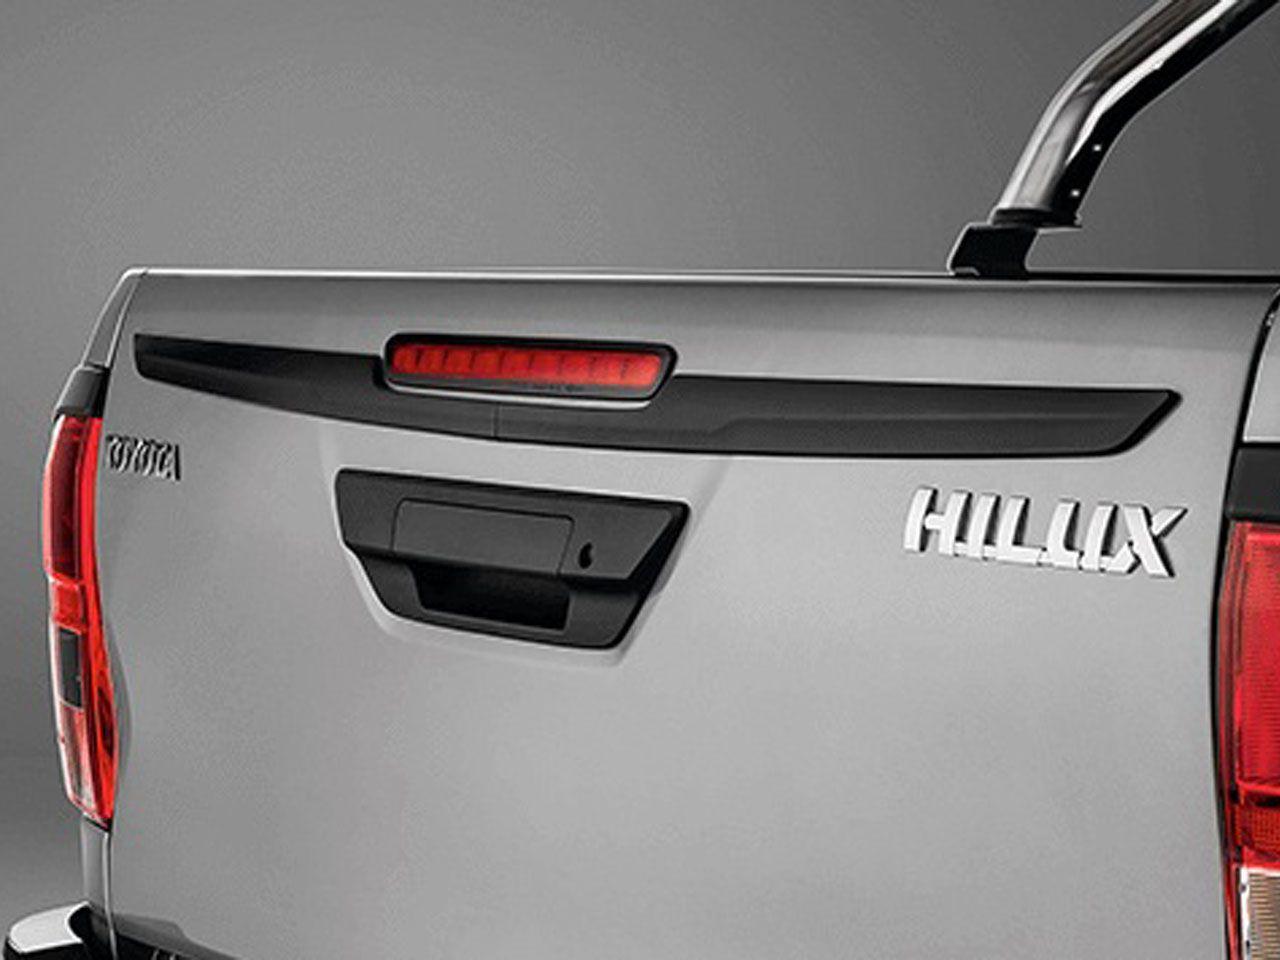 Aplique Preto Brilhante da Tampa da Caçamba Hilux STD SR SRV SRX GR-S Cabine Simples  - Mirai Peças Toyota